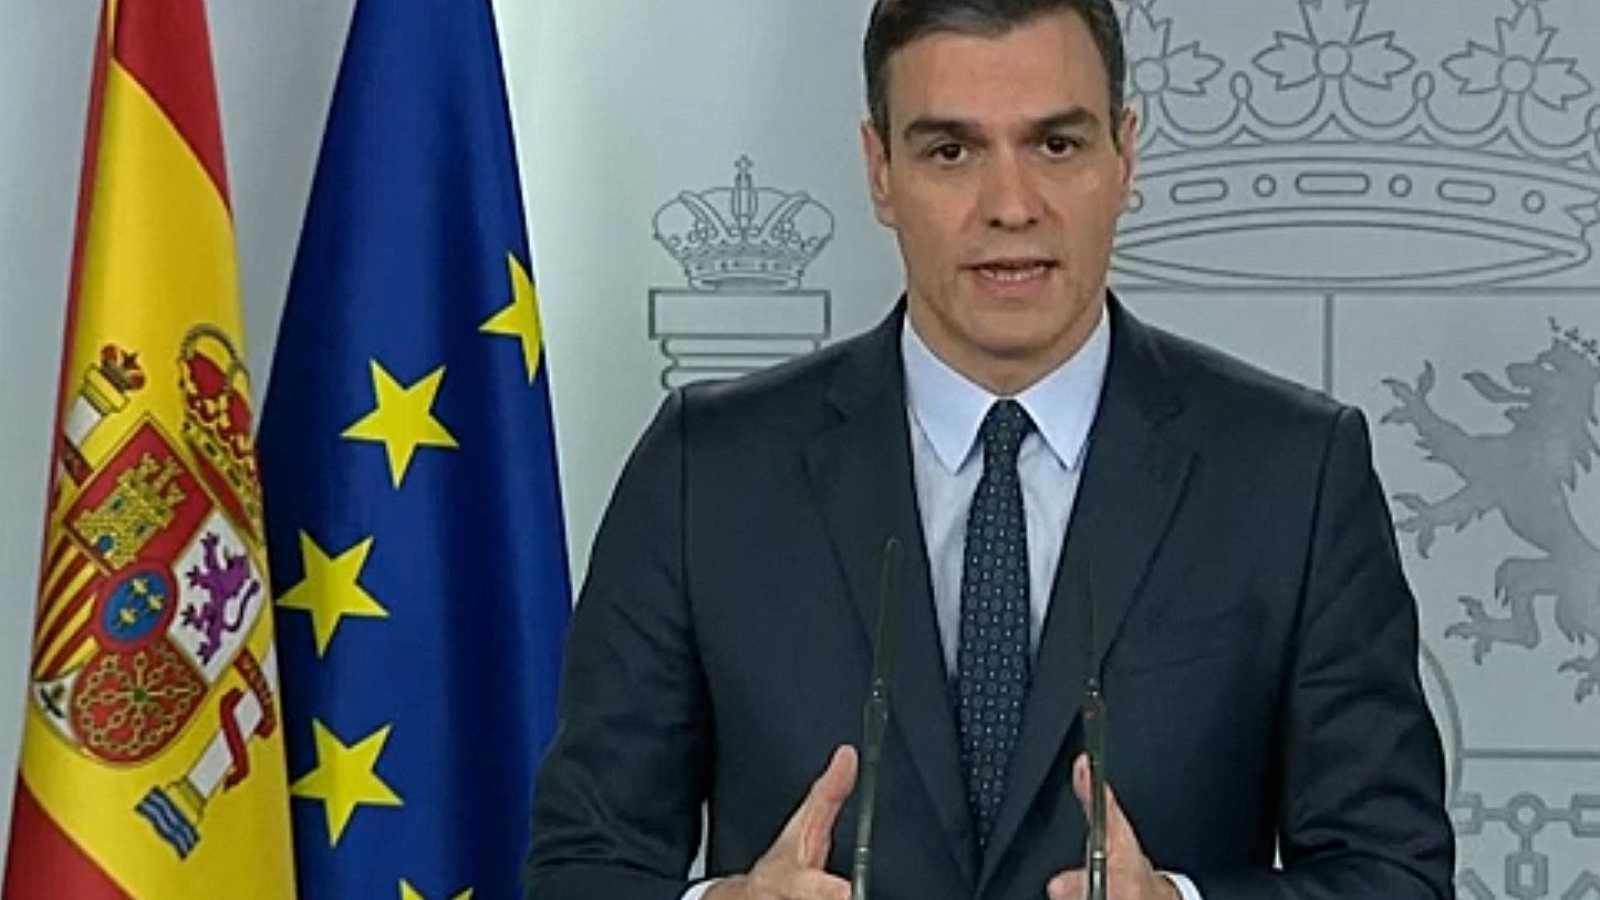 Vídeo: Sánchez anuncia que ampliará el estado de alarma hasta el 11 de abril